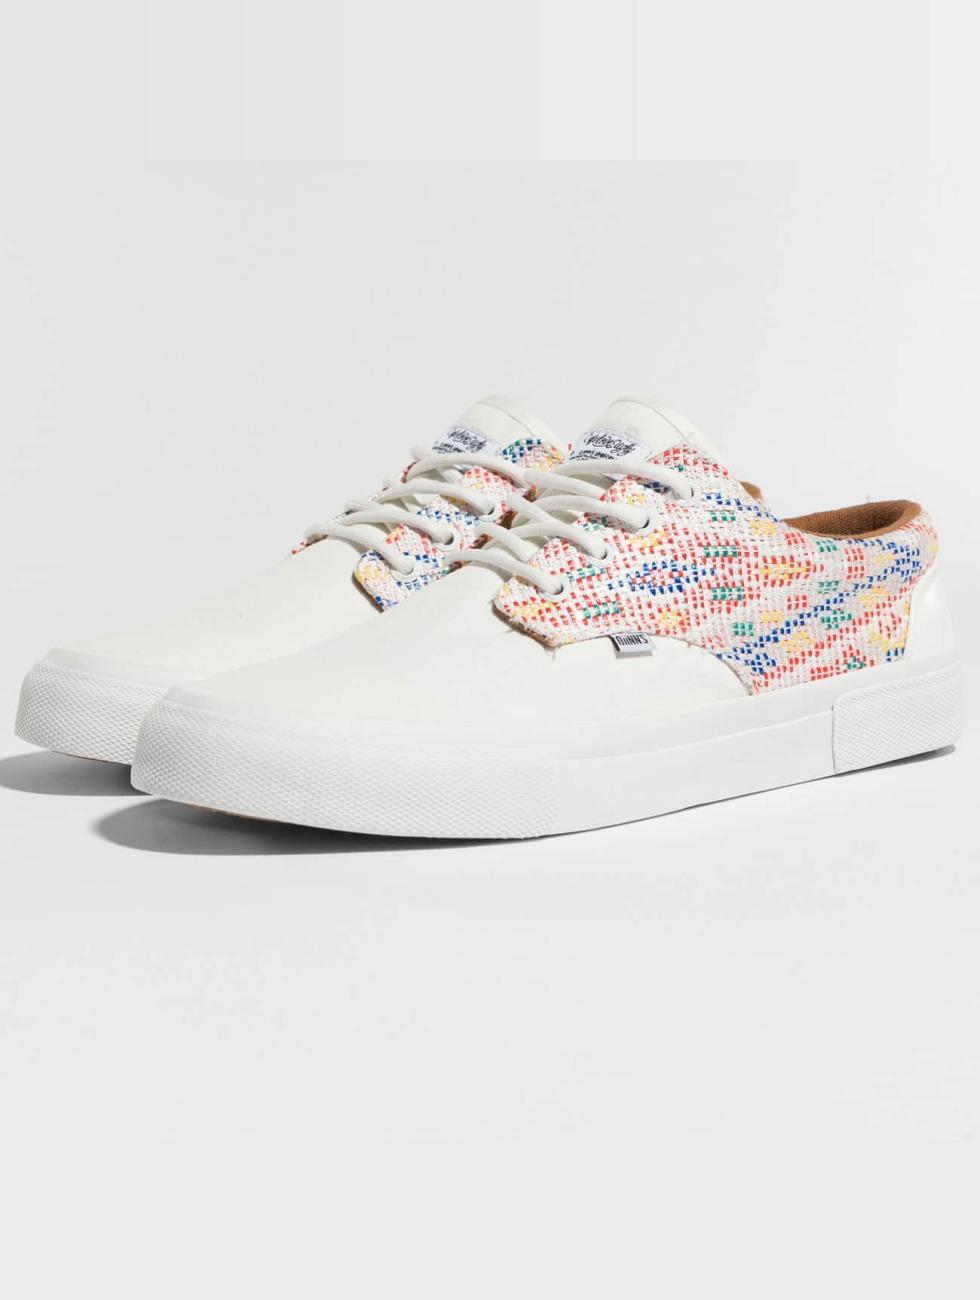 Djinns Schoen / Sneaker Modello Piacevole Geronimo Pazza In Ingegno 482.661